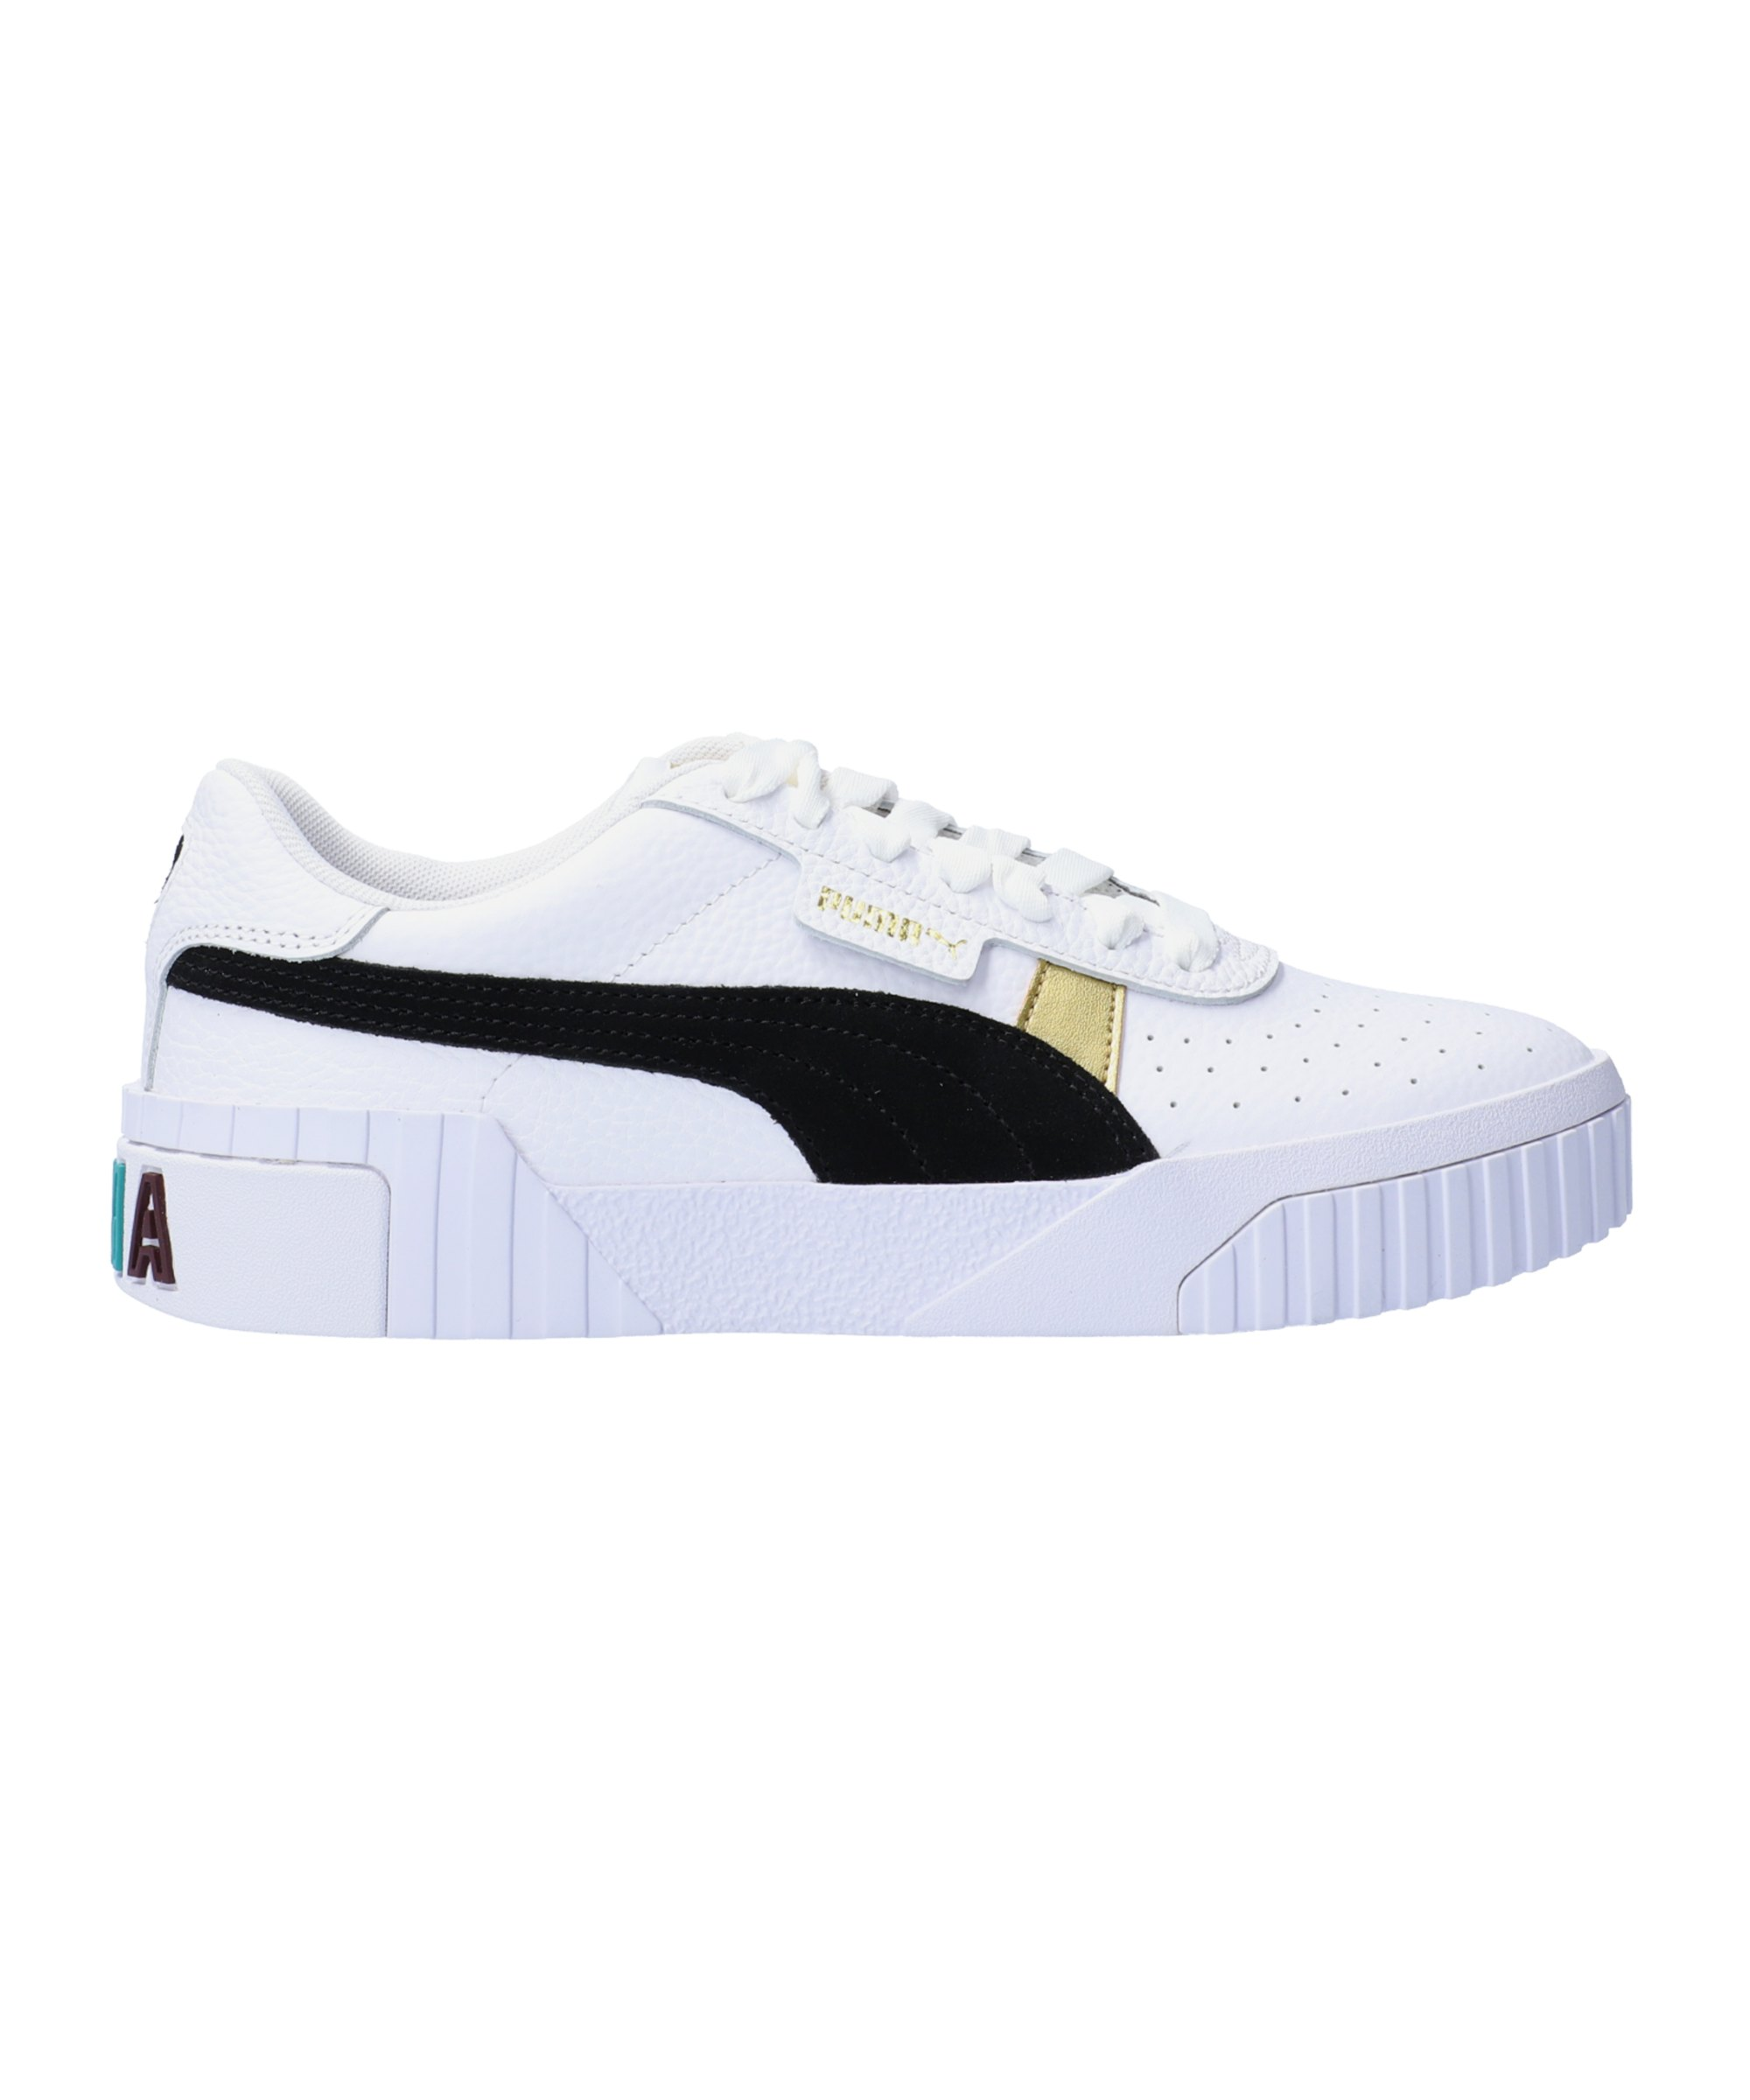 PUMA Cali Varsity Sneaker Damen Weiss Schwarz F01 - weiss